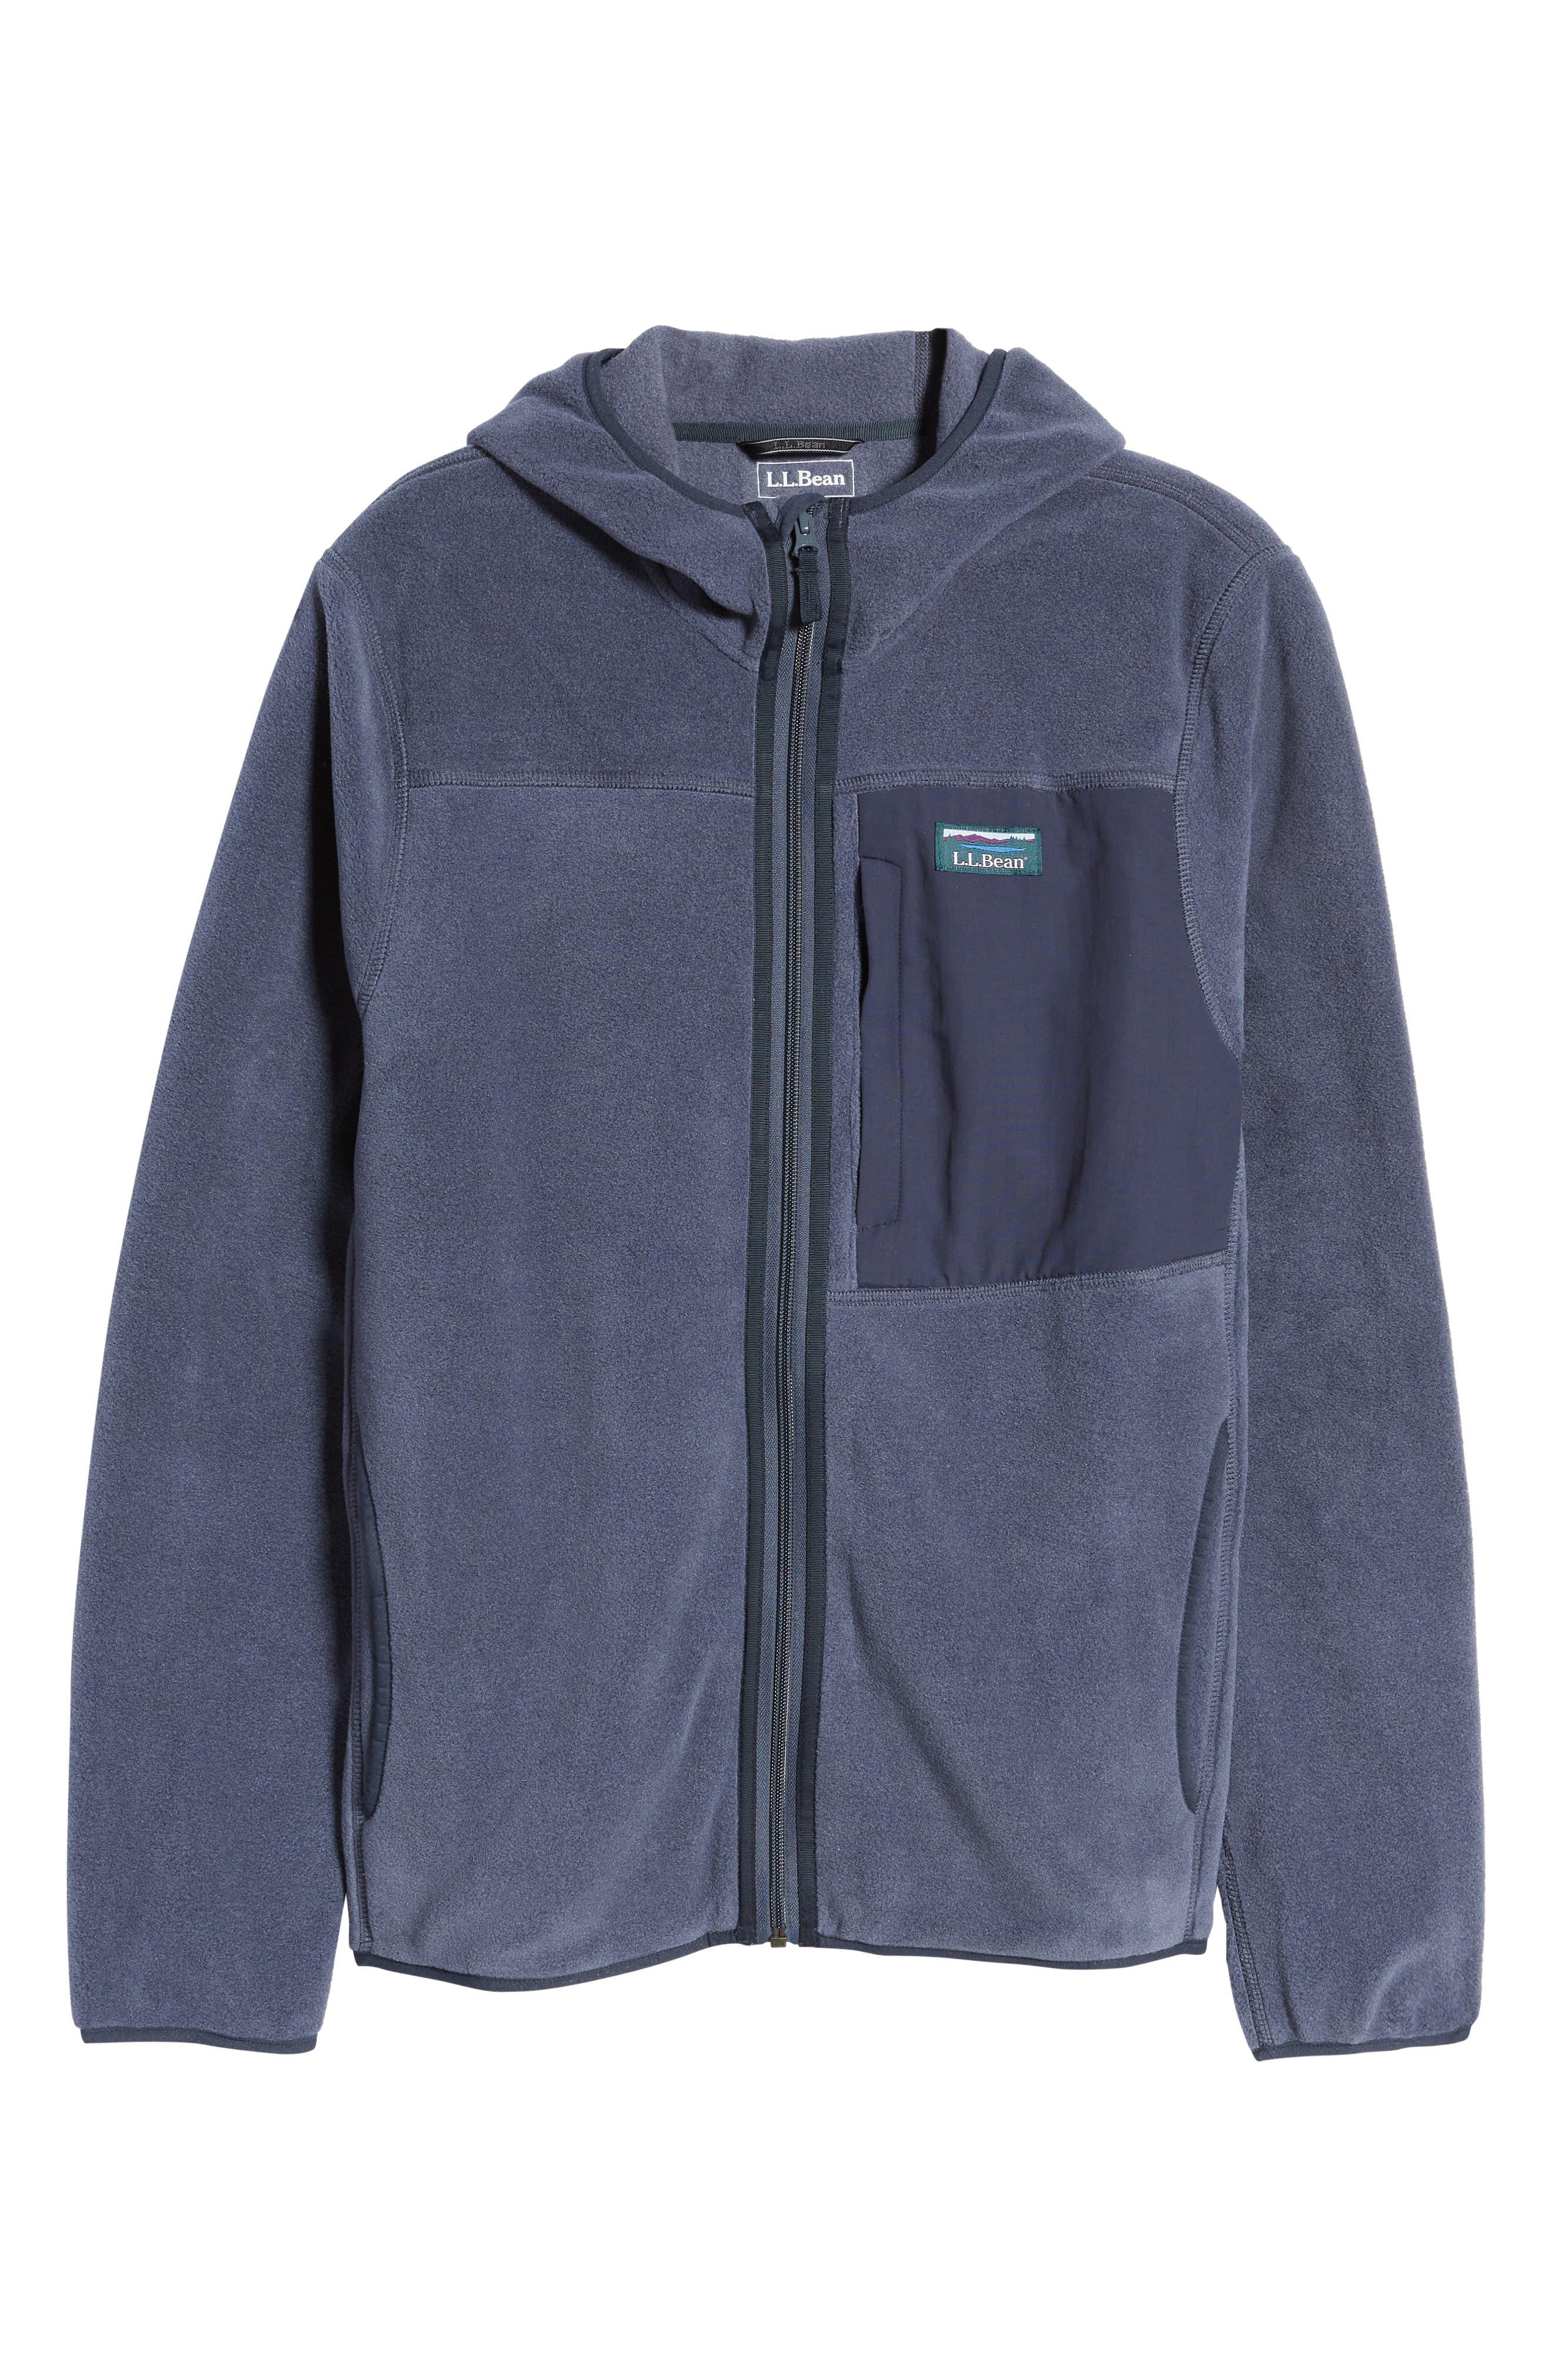 Mountain Classic Recycled Fleece Hooded Jacket